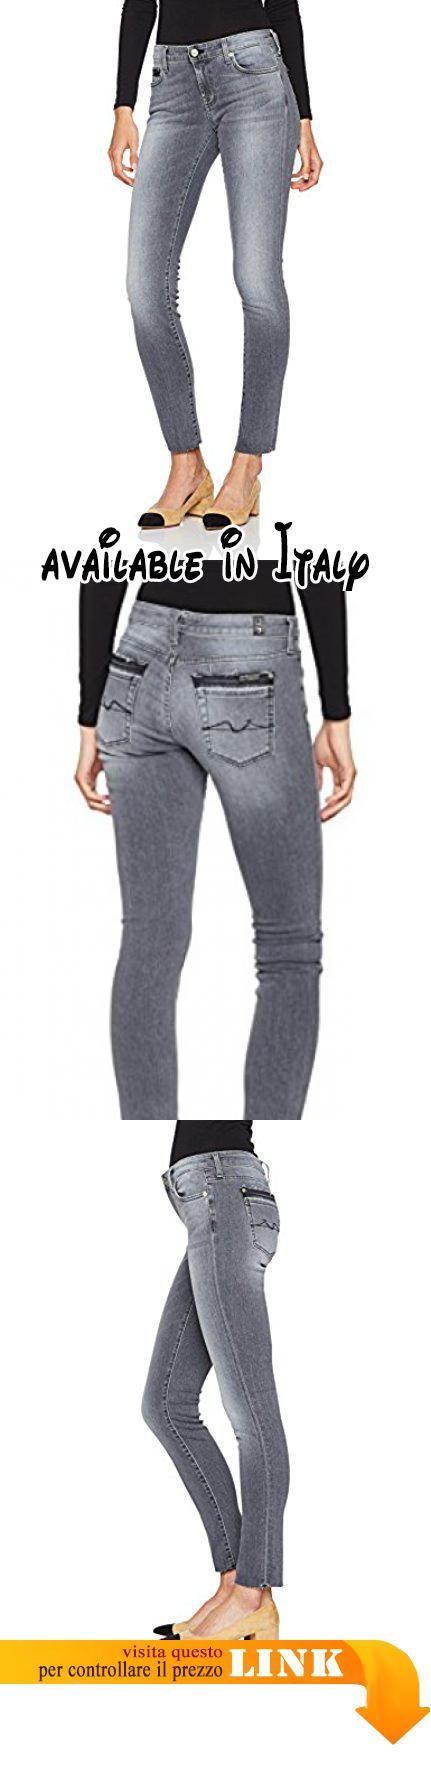 Popolare Oltre 25 fantastiche idee su Abbigliamento di jeans grigio su  GY56